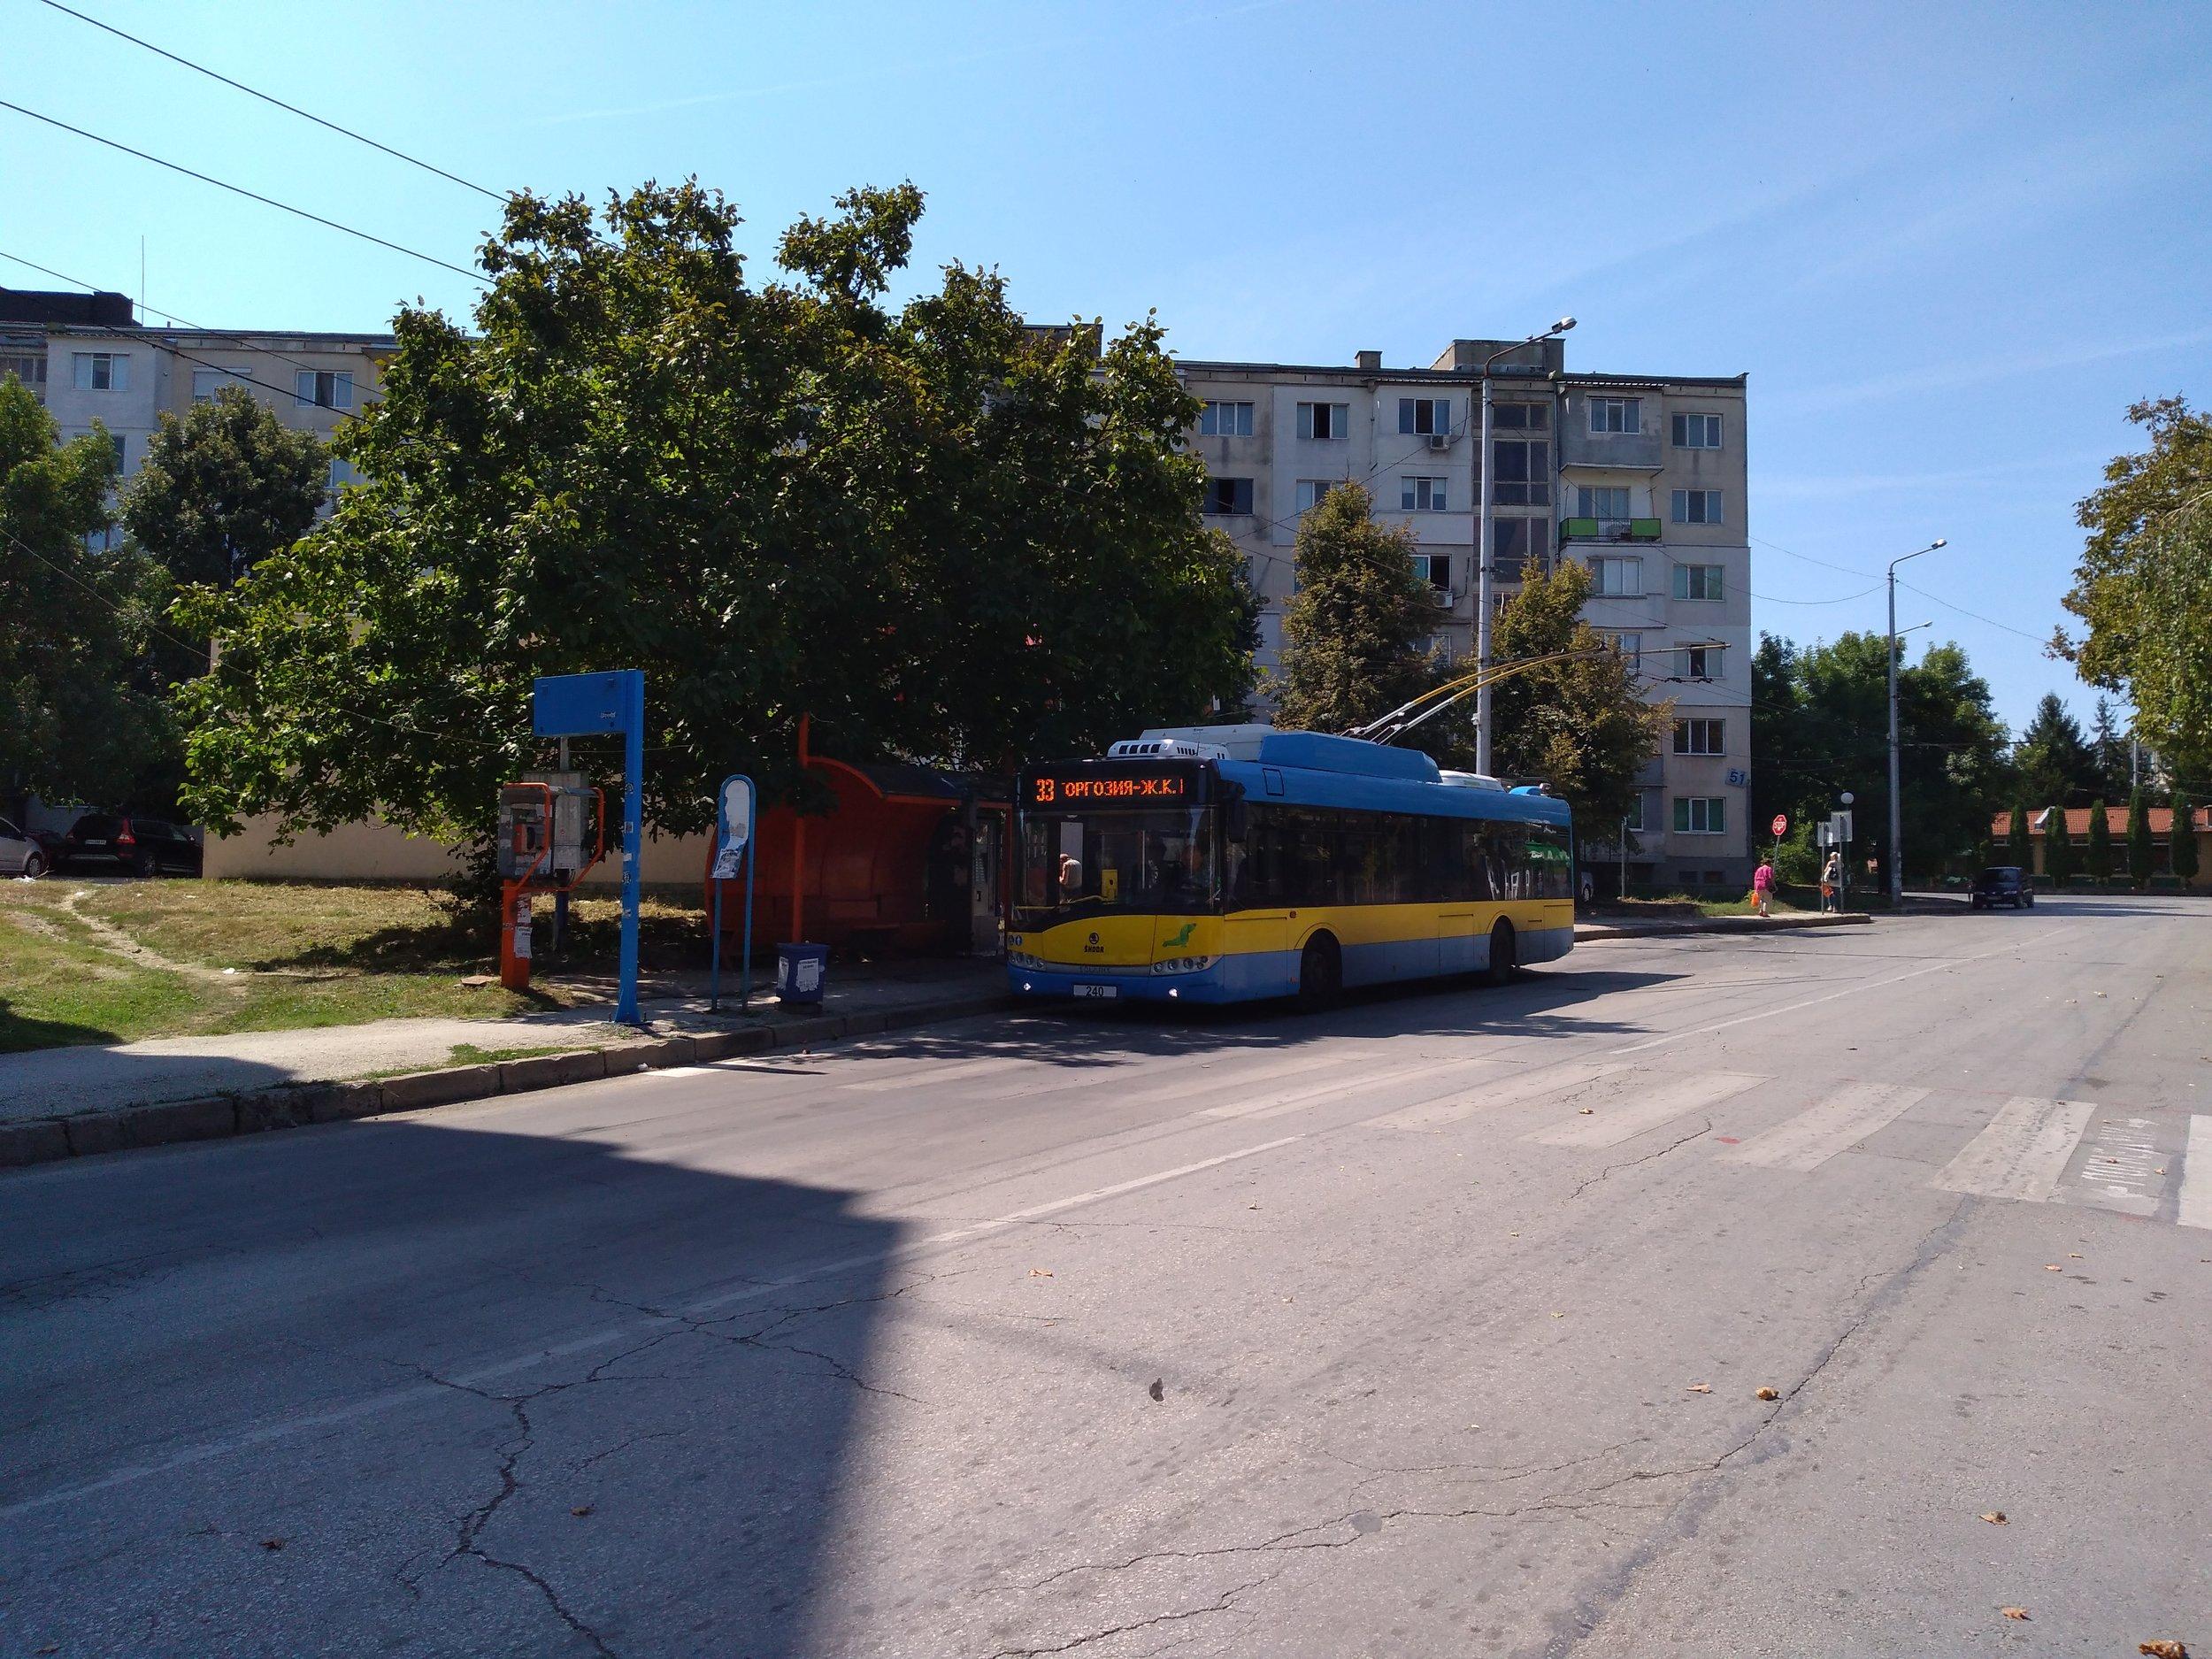 Zastávka x. l. Storgozija na jednostopé trati v severozápadním sektoru města. Trolejbusy oficiálně končí o několik zastávek dříve, nicméně odpočinek si dopřávají obvykle až zde.